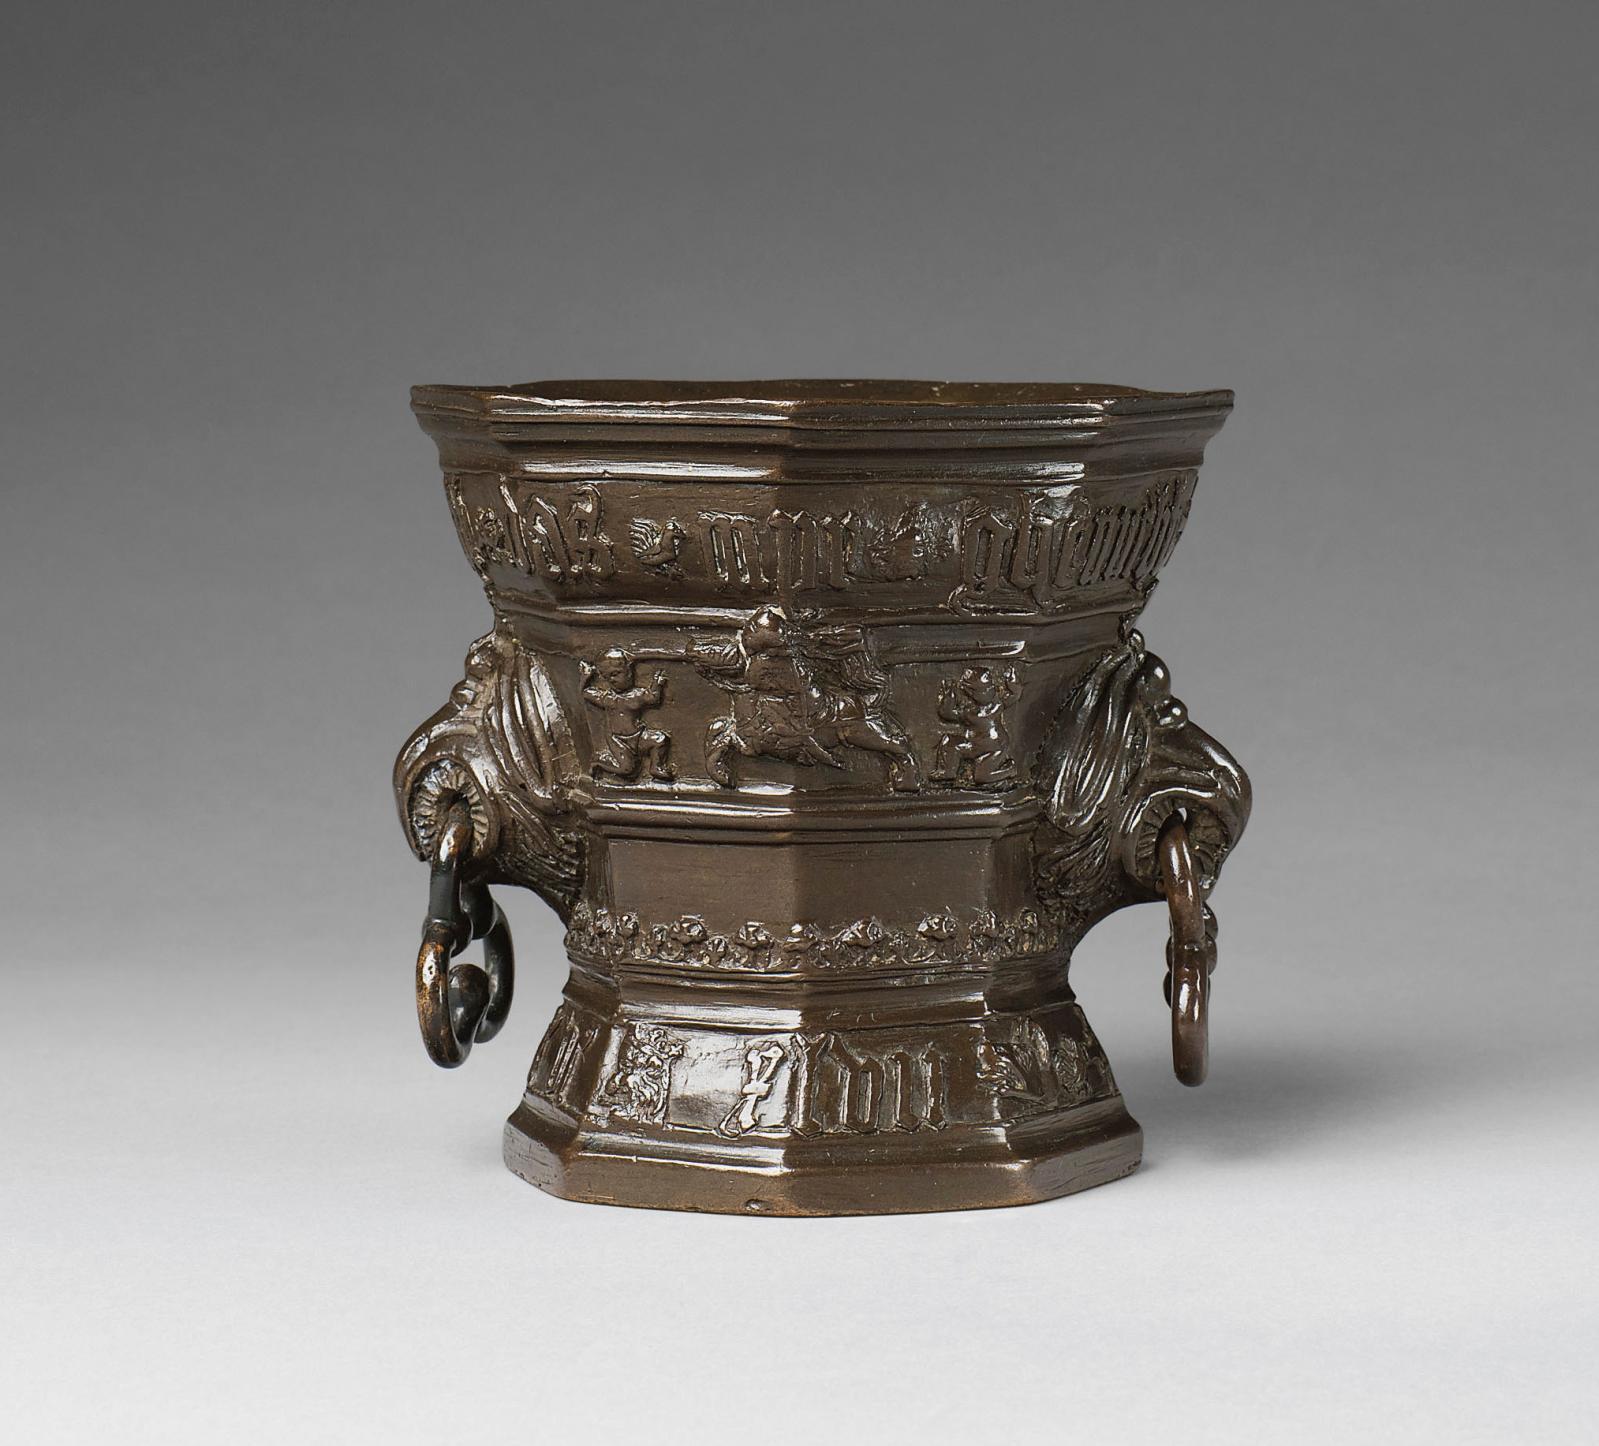 Un mortier attribué à l'atelier Hachmann Le 17mai, Lempertz consacrera un catalogue entier à la collection Schwarzach, uniquement constituée d'une ce